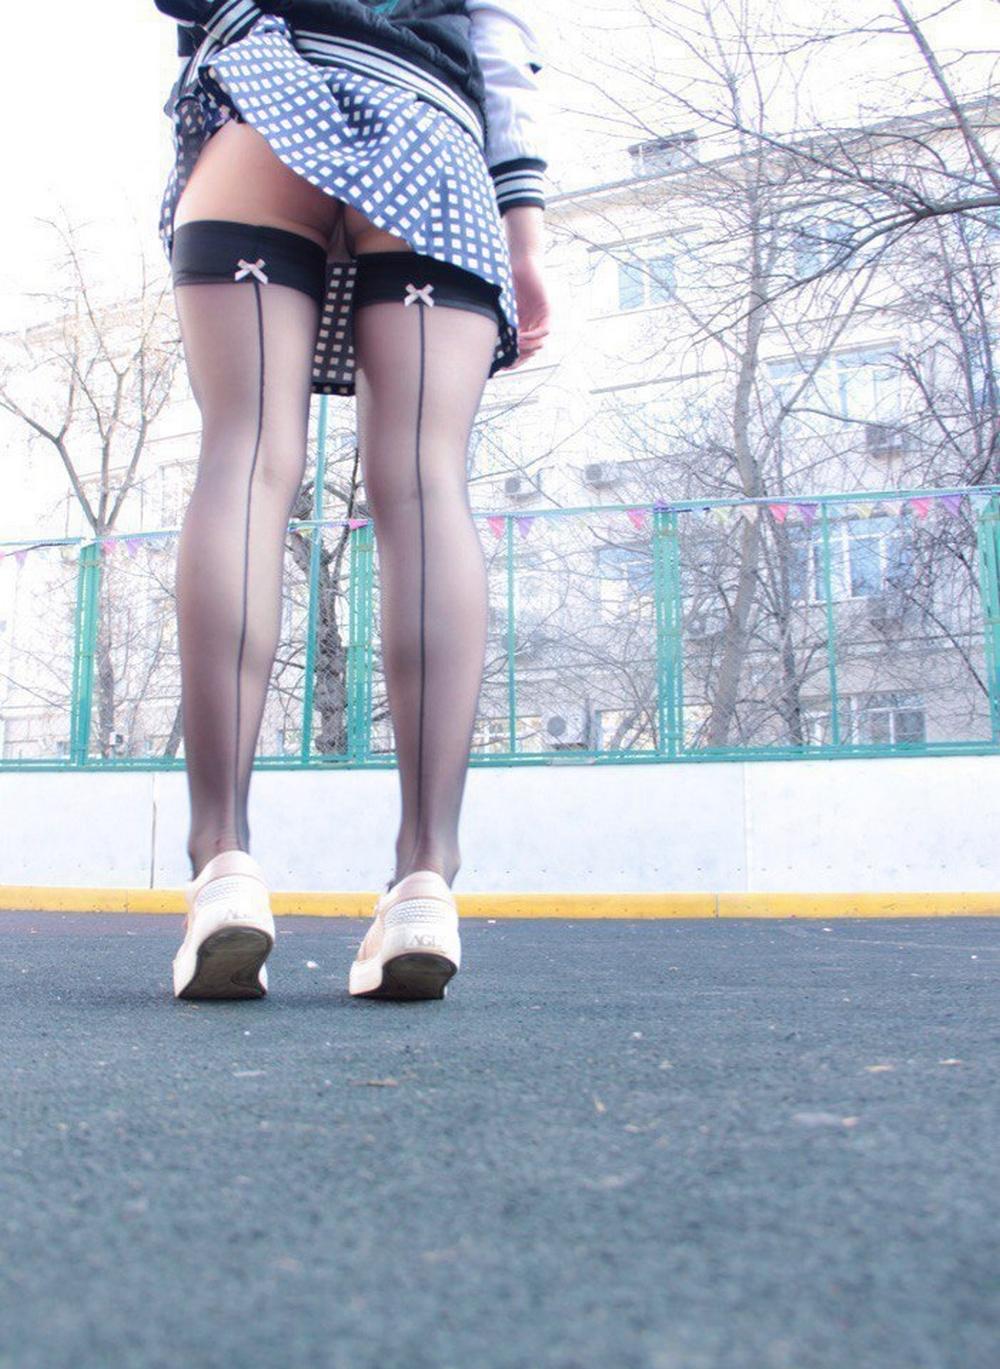 Красотки поднимают юбки, чтобы засветить бритые киски